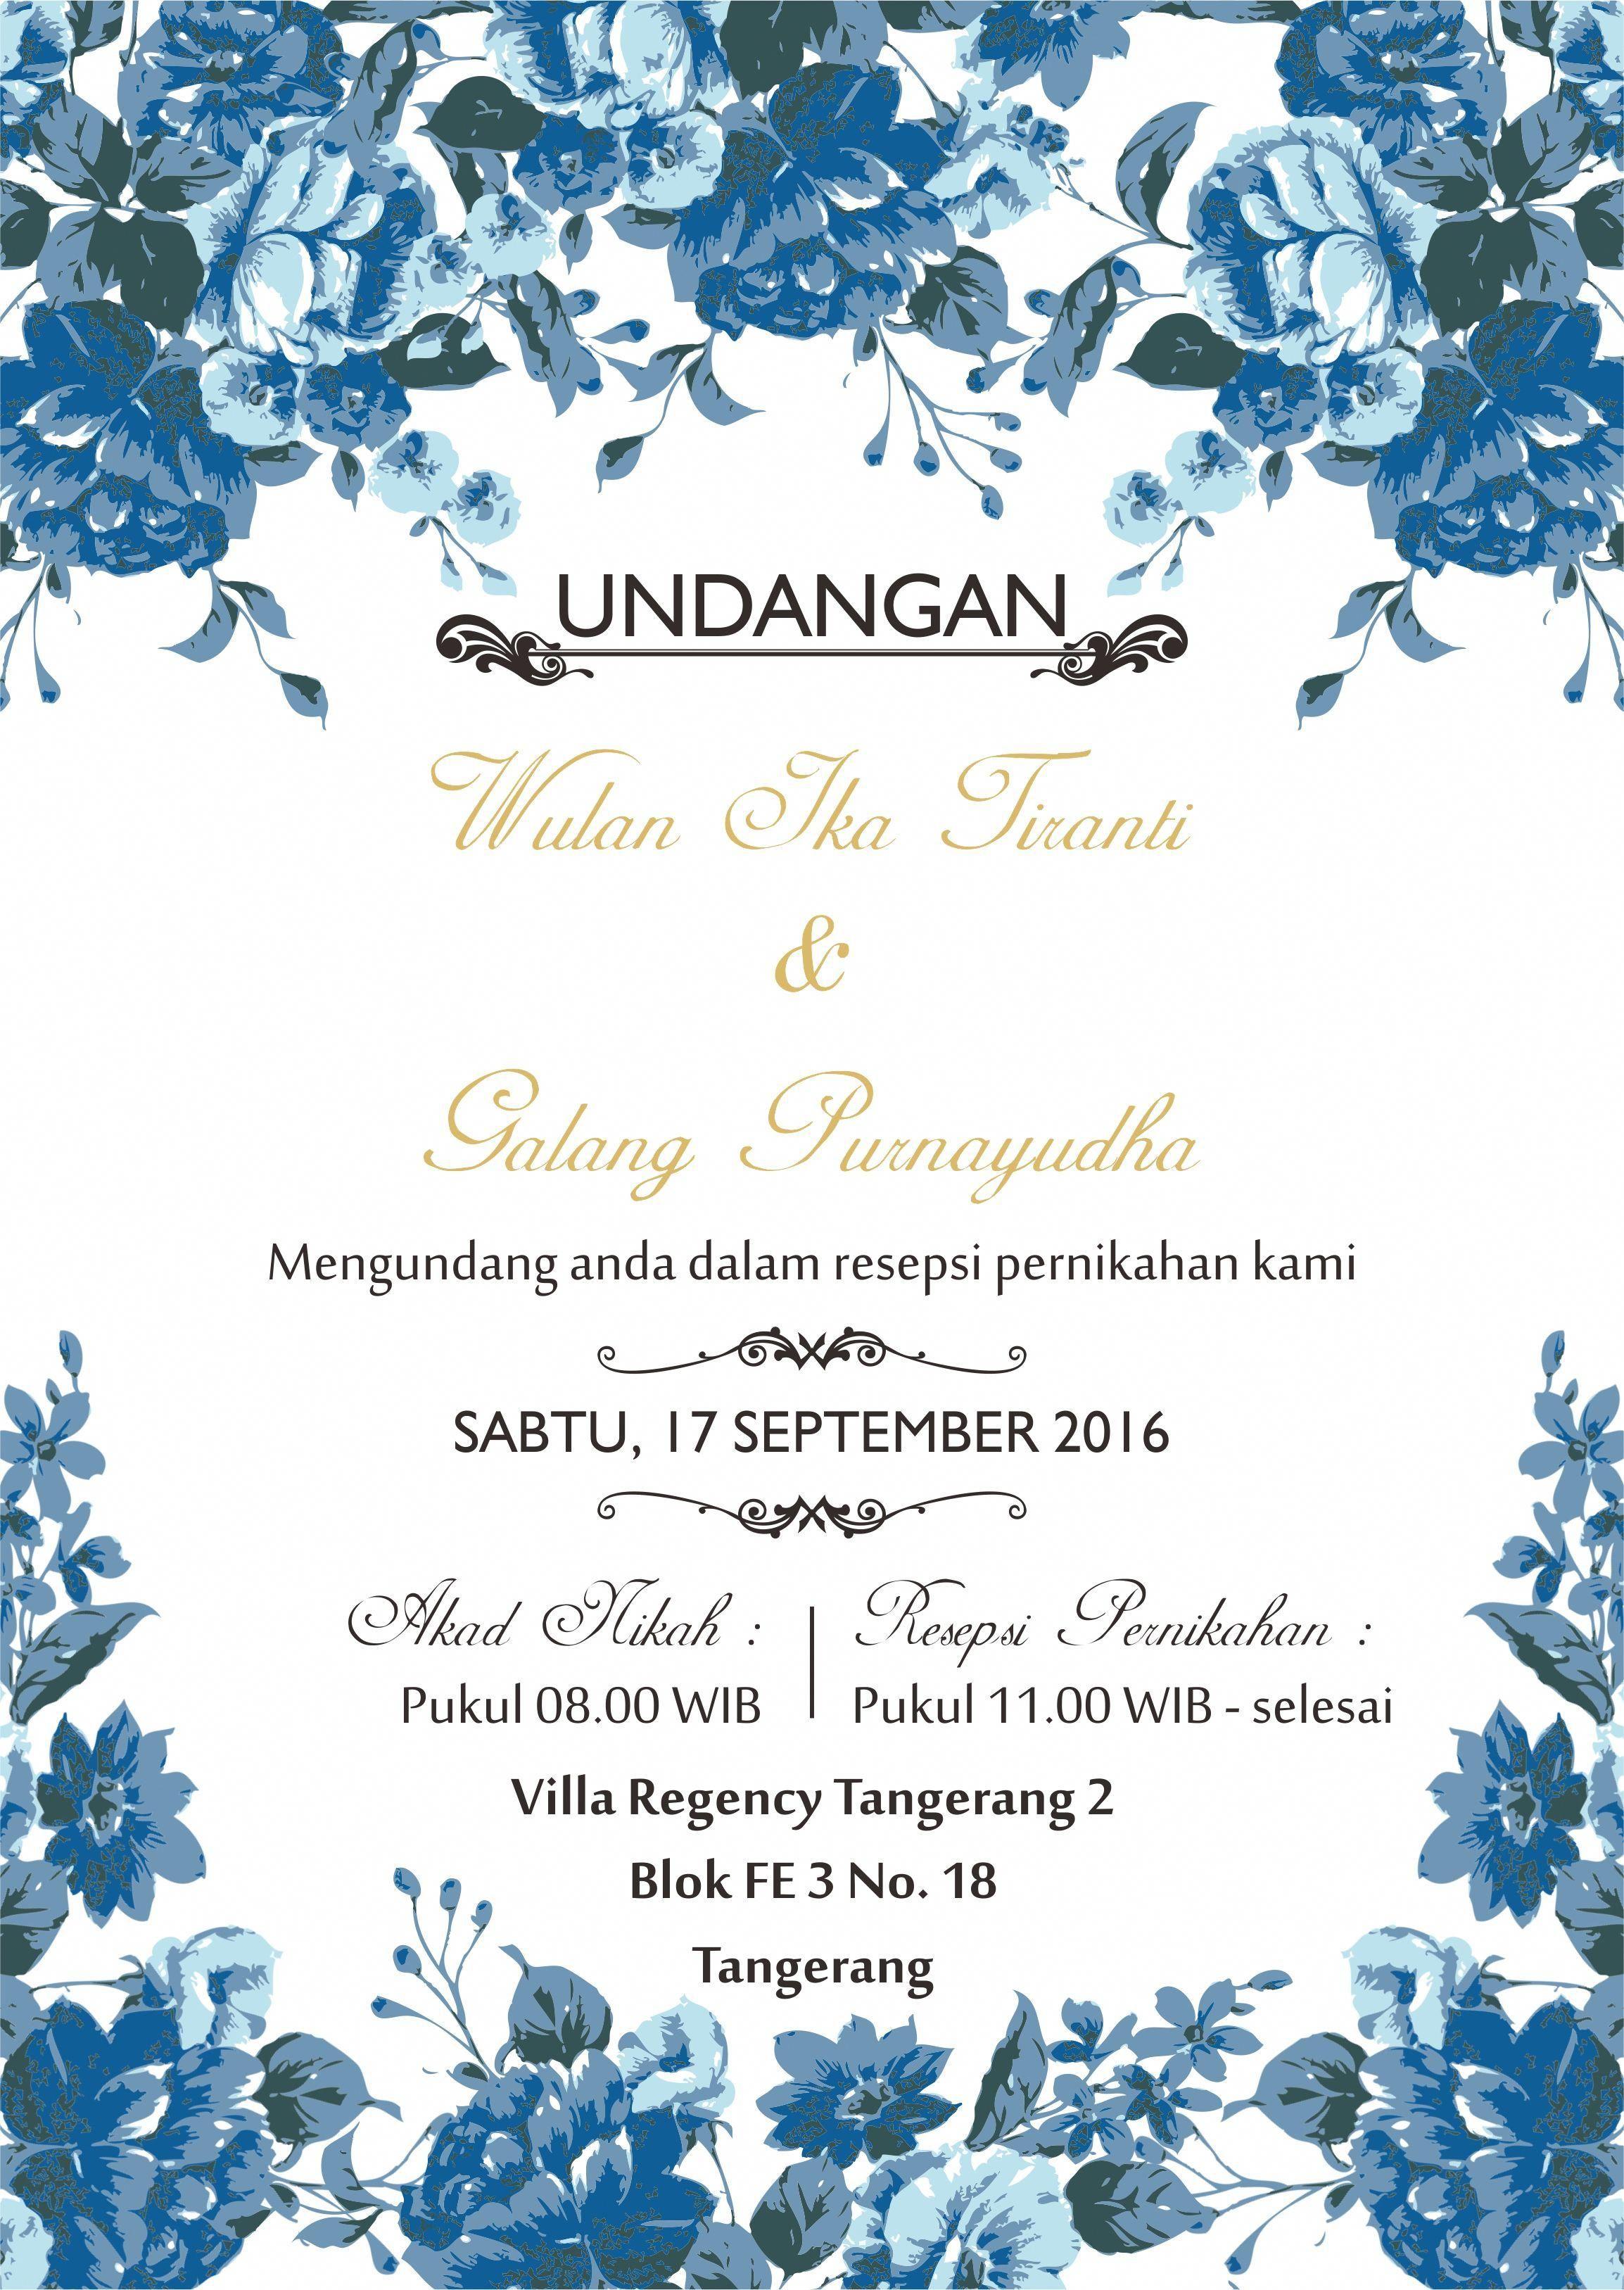 Wedding Invitations Near Me Refferal 4017032322 Kartu Pernikahan Undangan Perkawinan Kartu Undangan Pernikahan